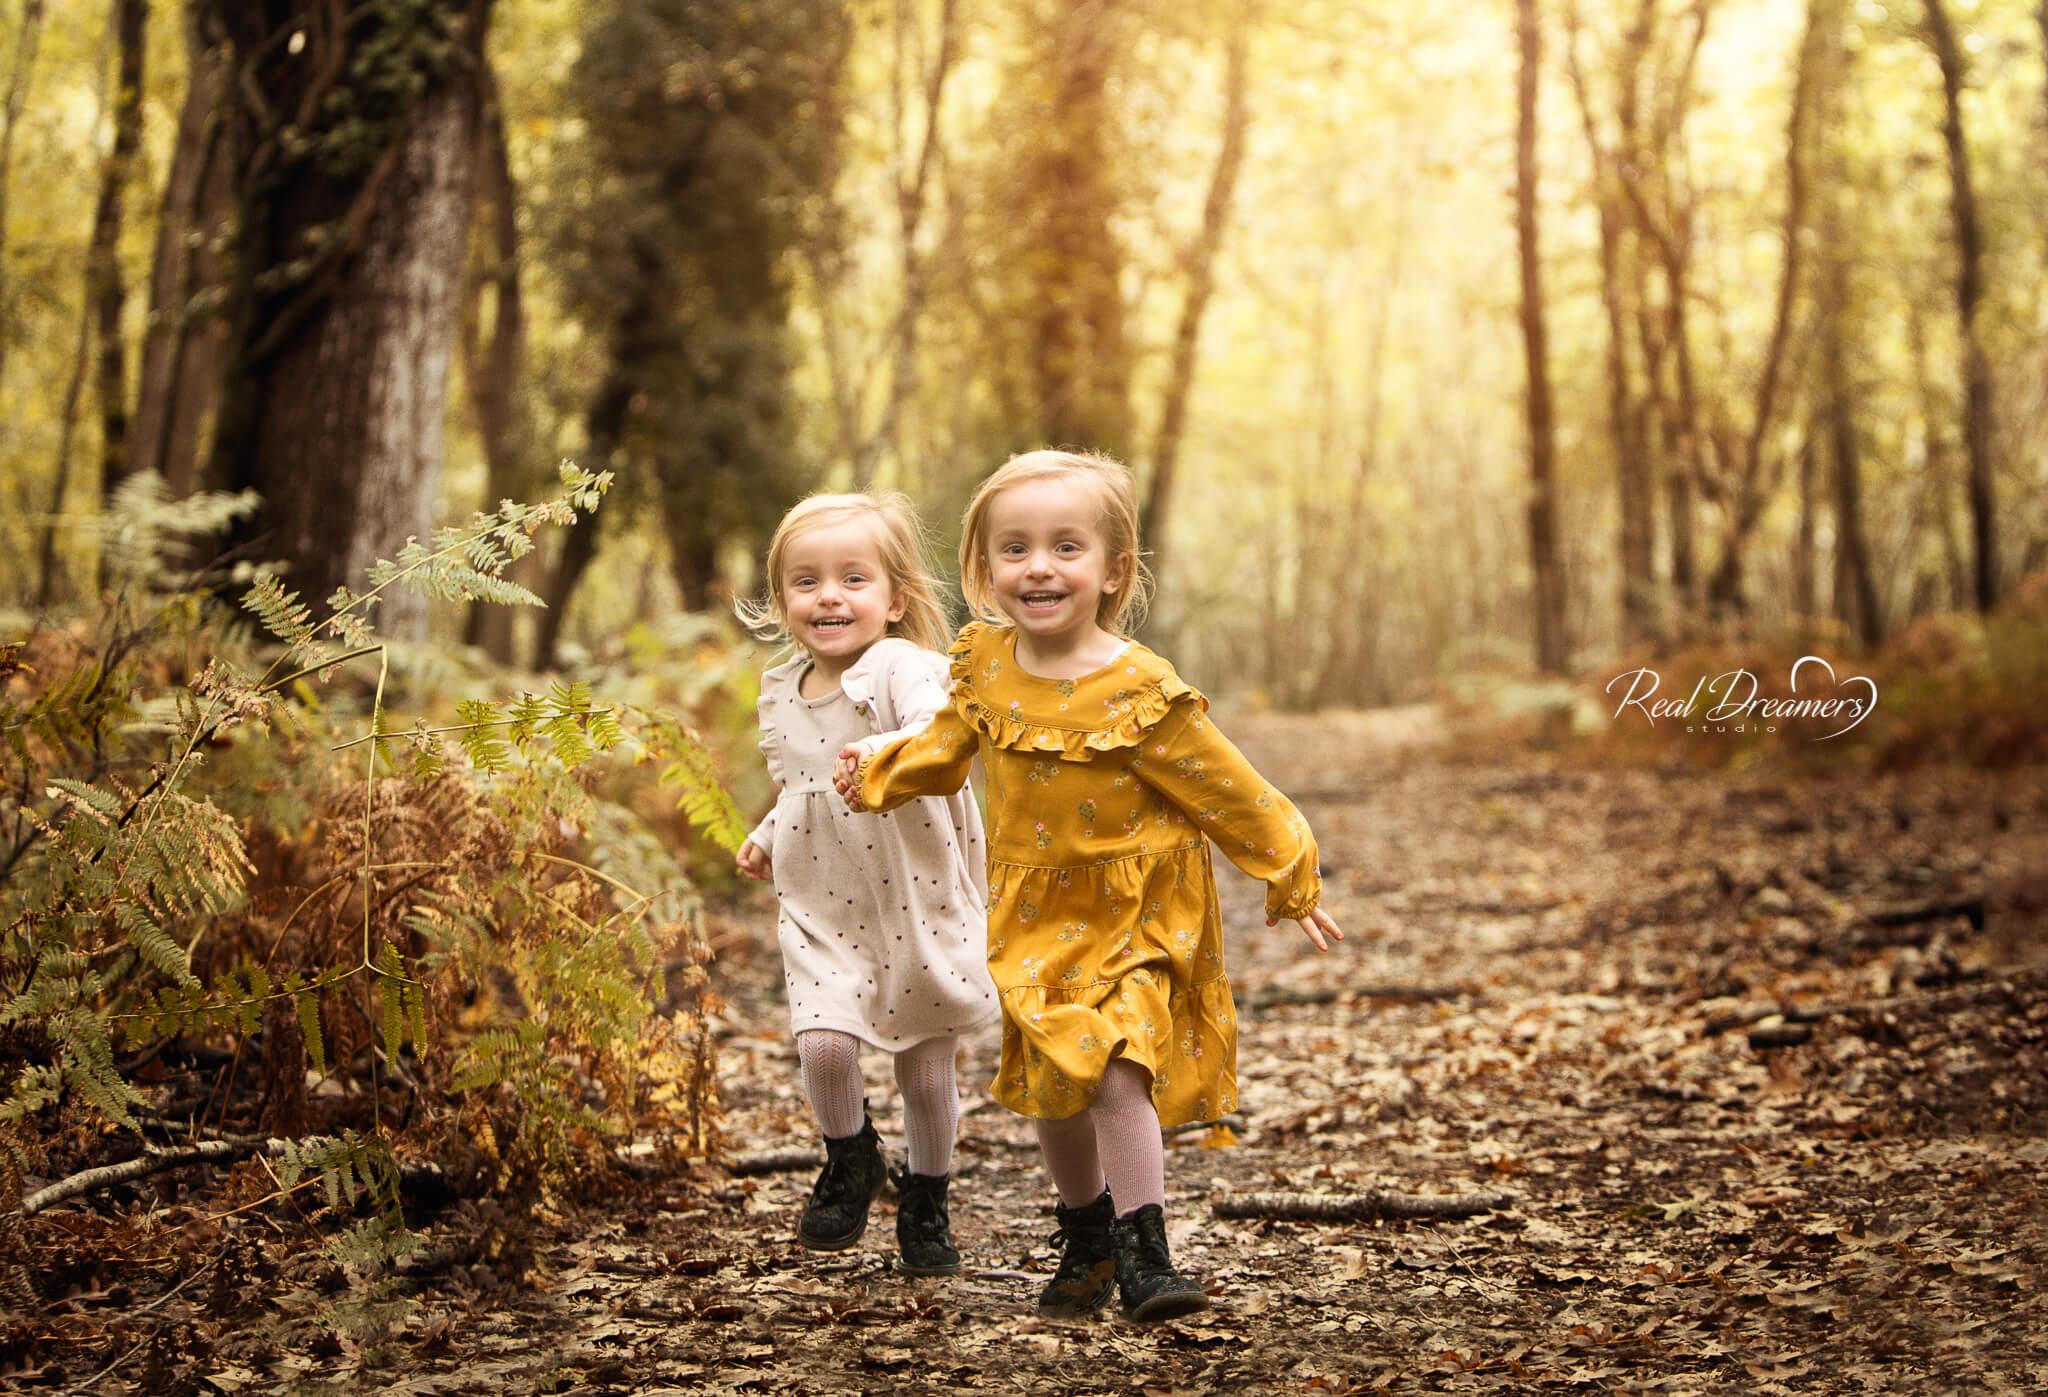 Real Dreamers Studio - servizio - fotografico - bambini - bosco - autunno